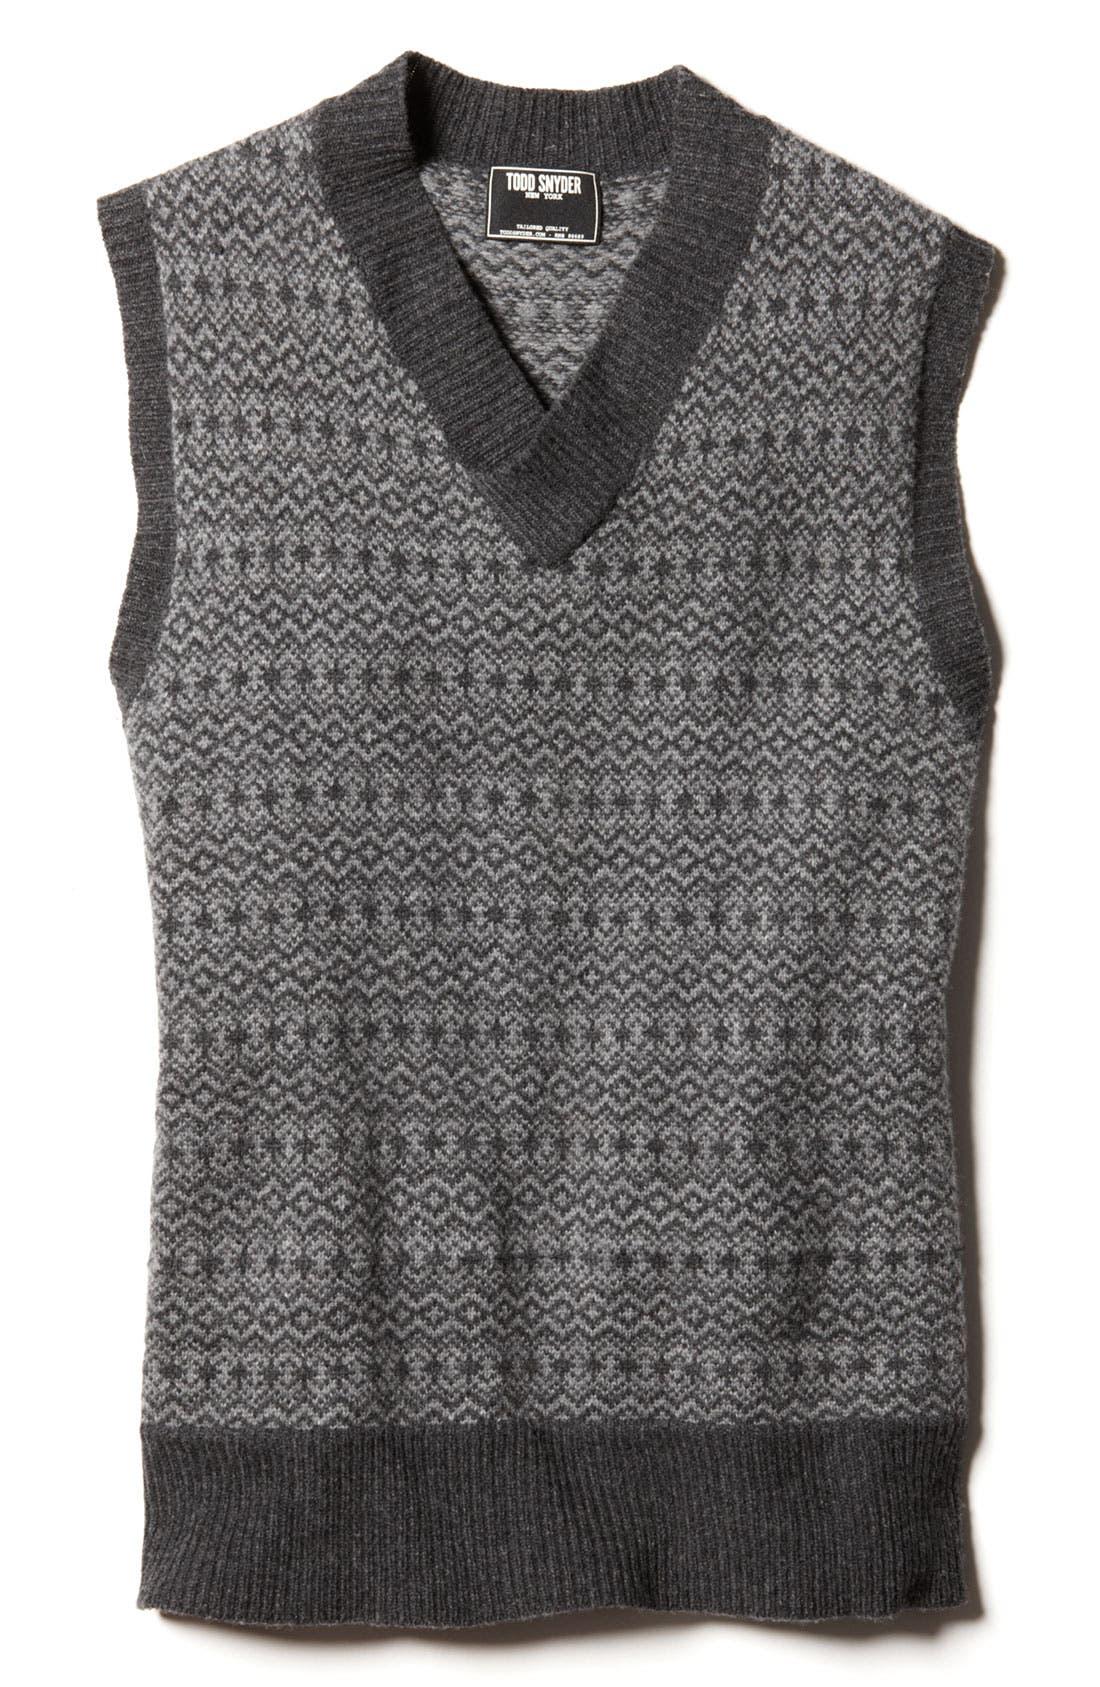 Alternate Image 2  - Todd Snyder Sweater Vest